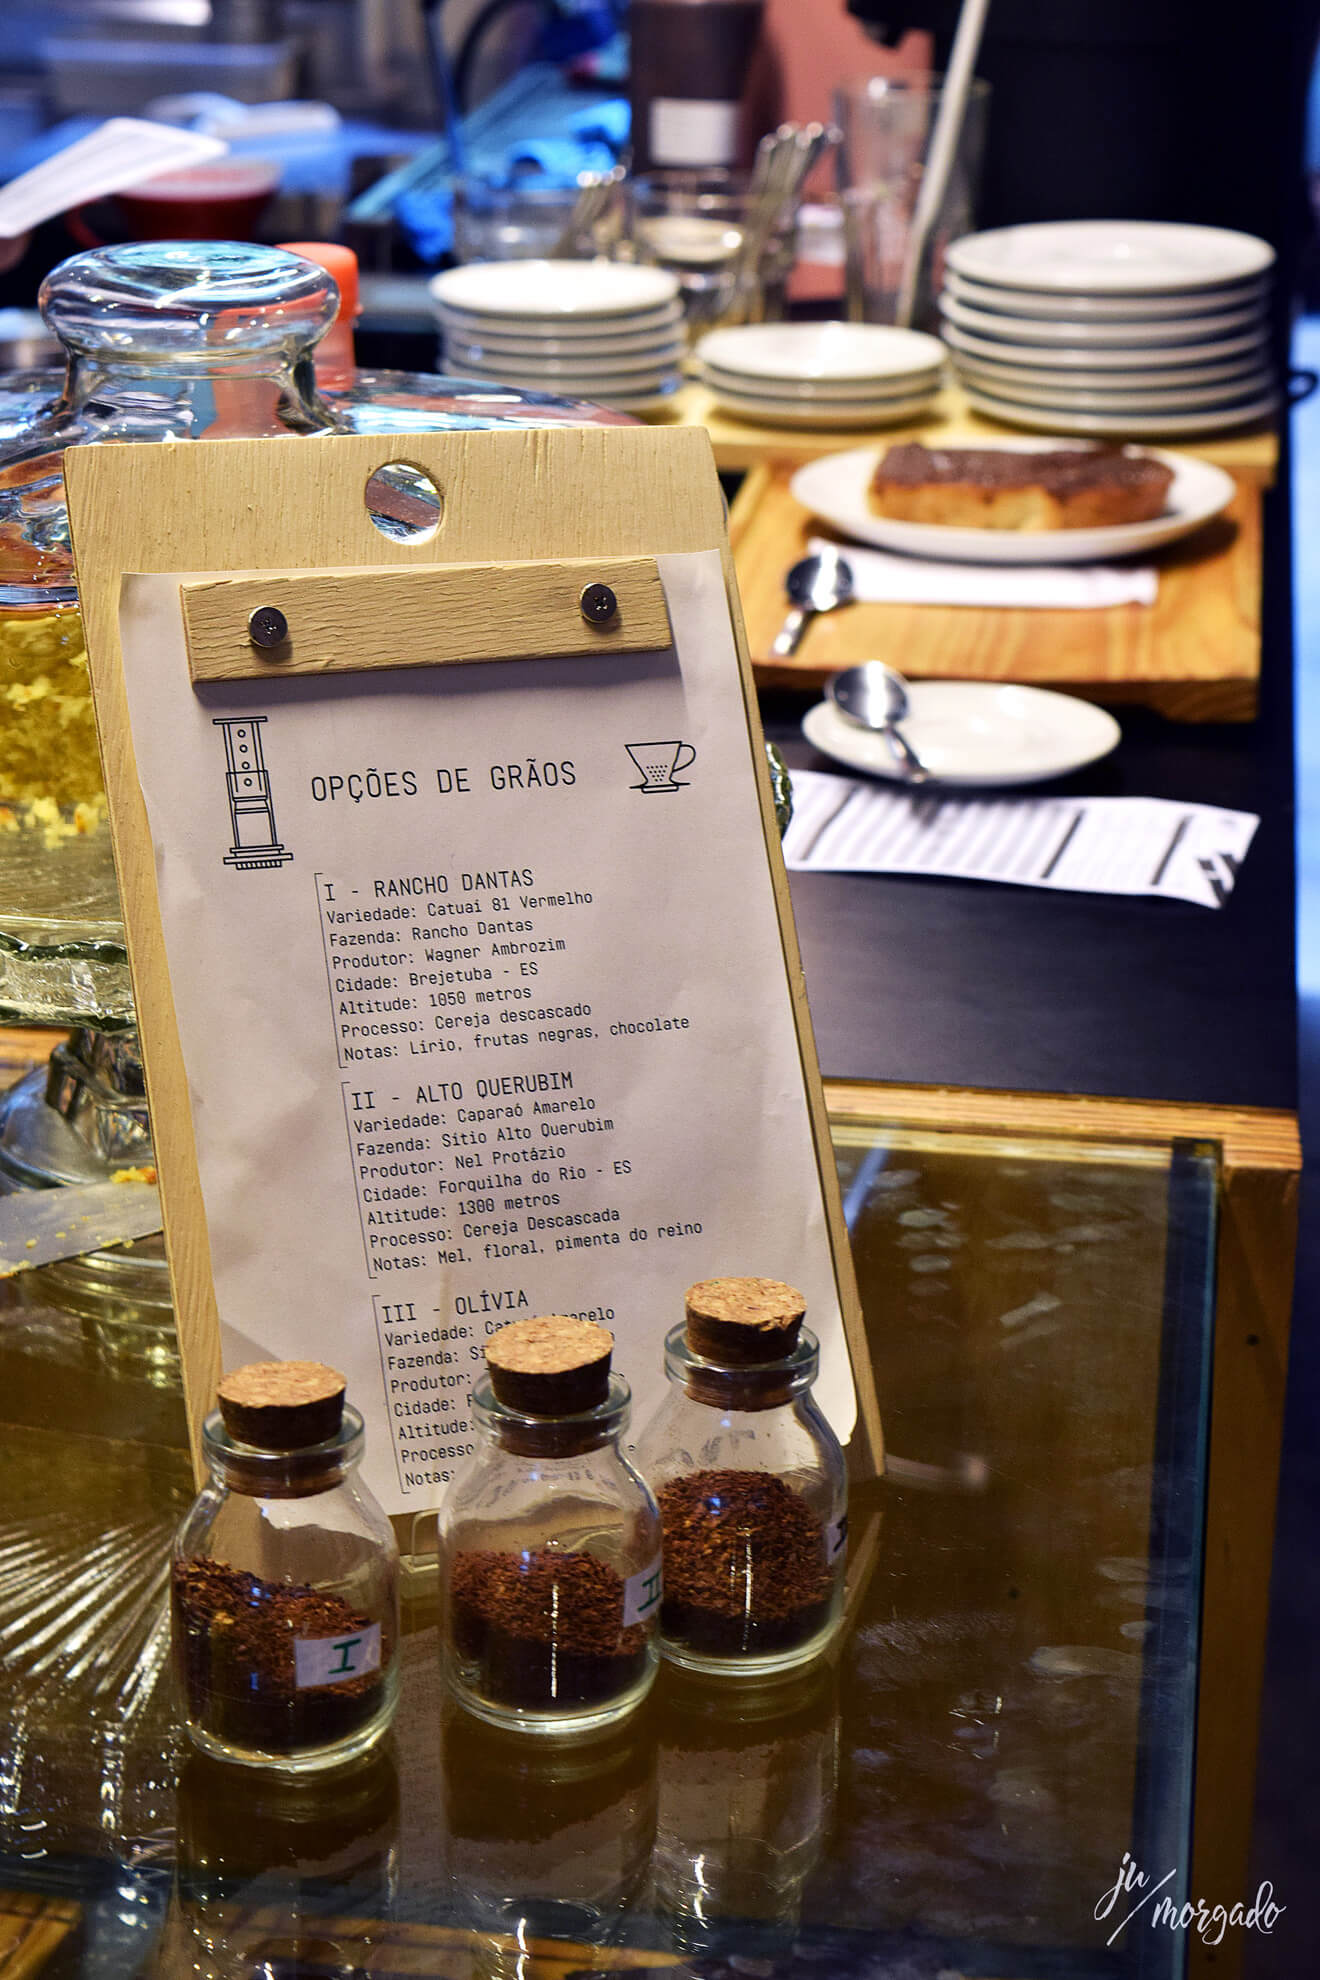 Cardápio de grãos disponíveis do KOF em São paulo.